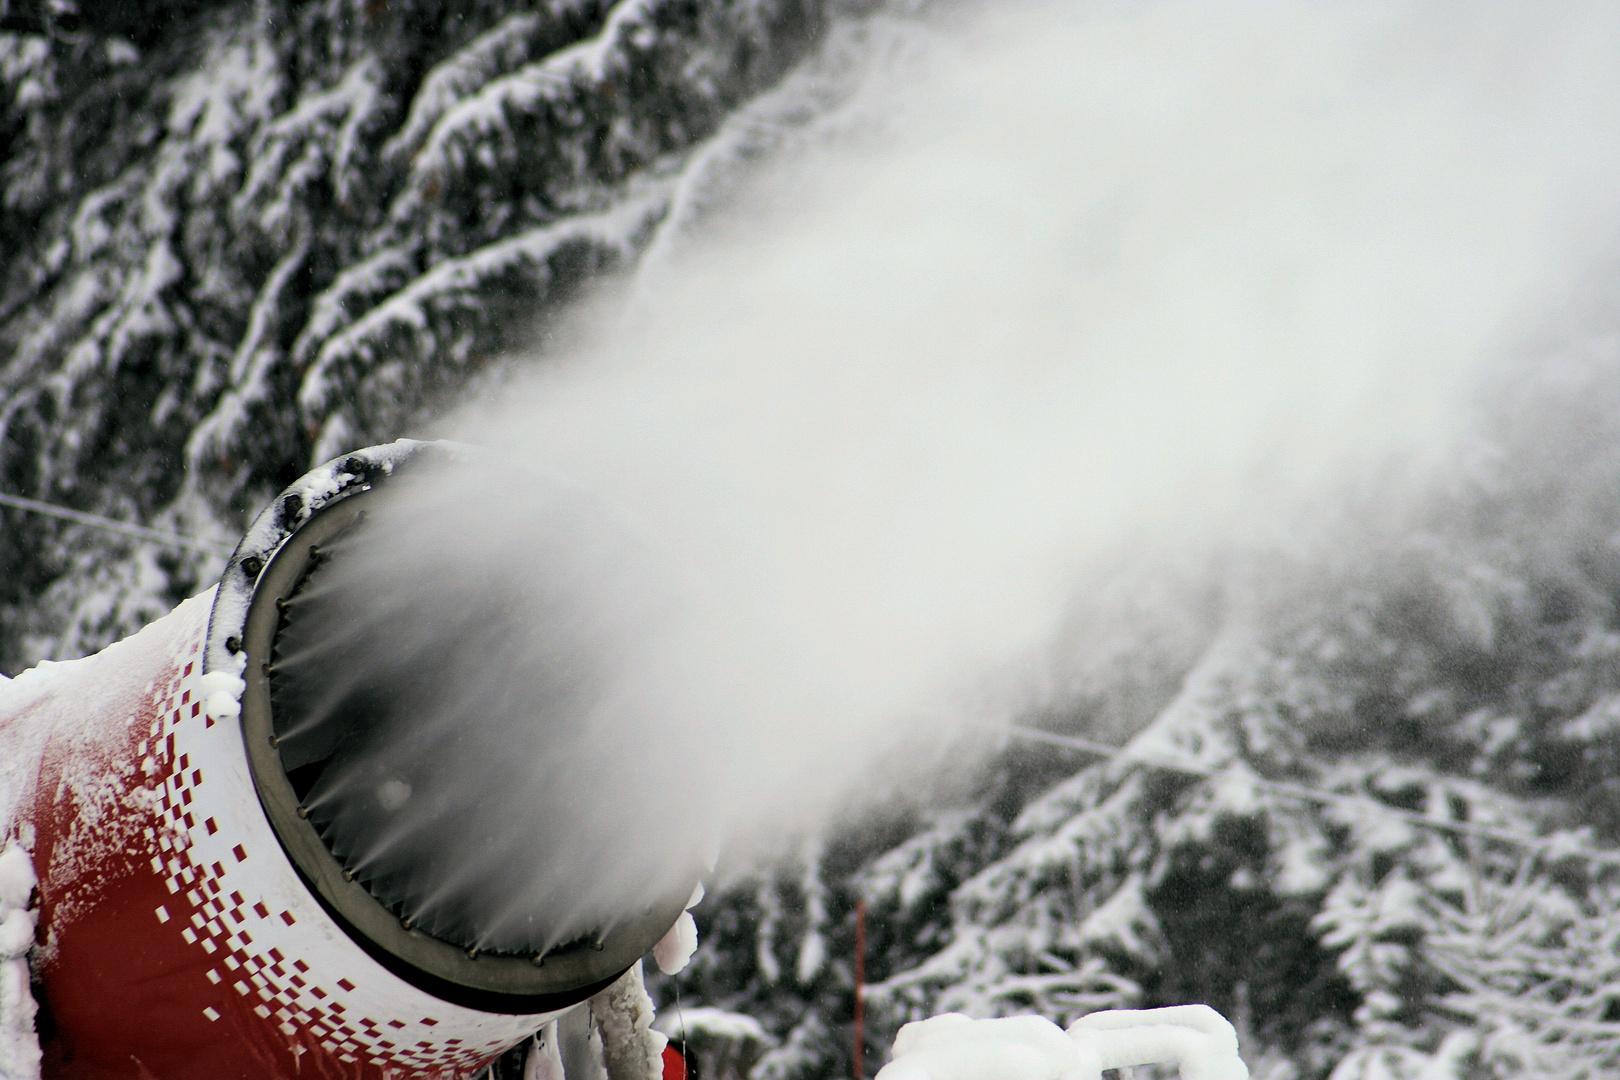 Schneekanone